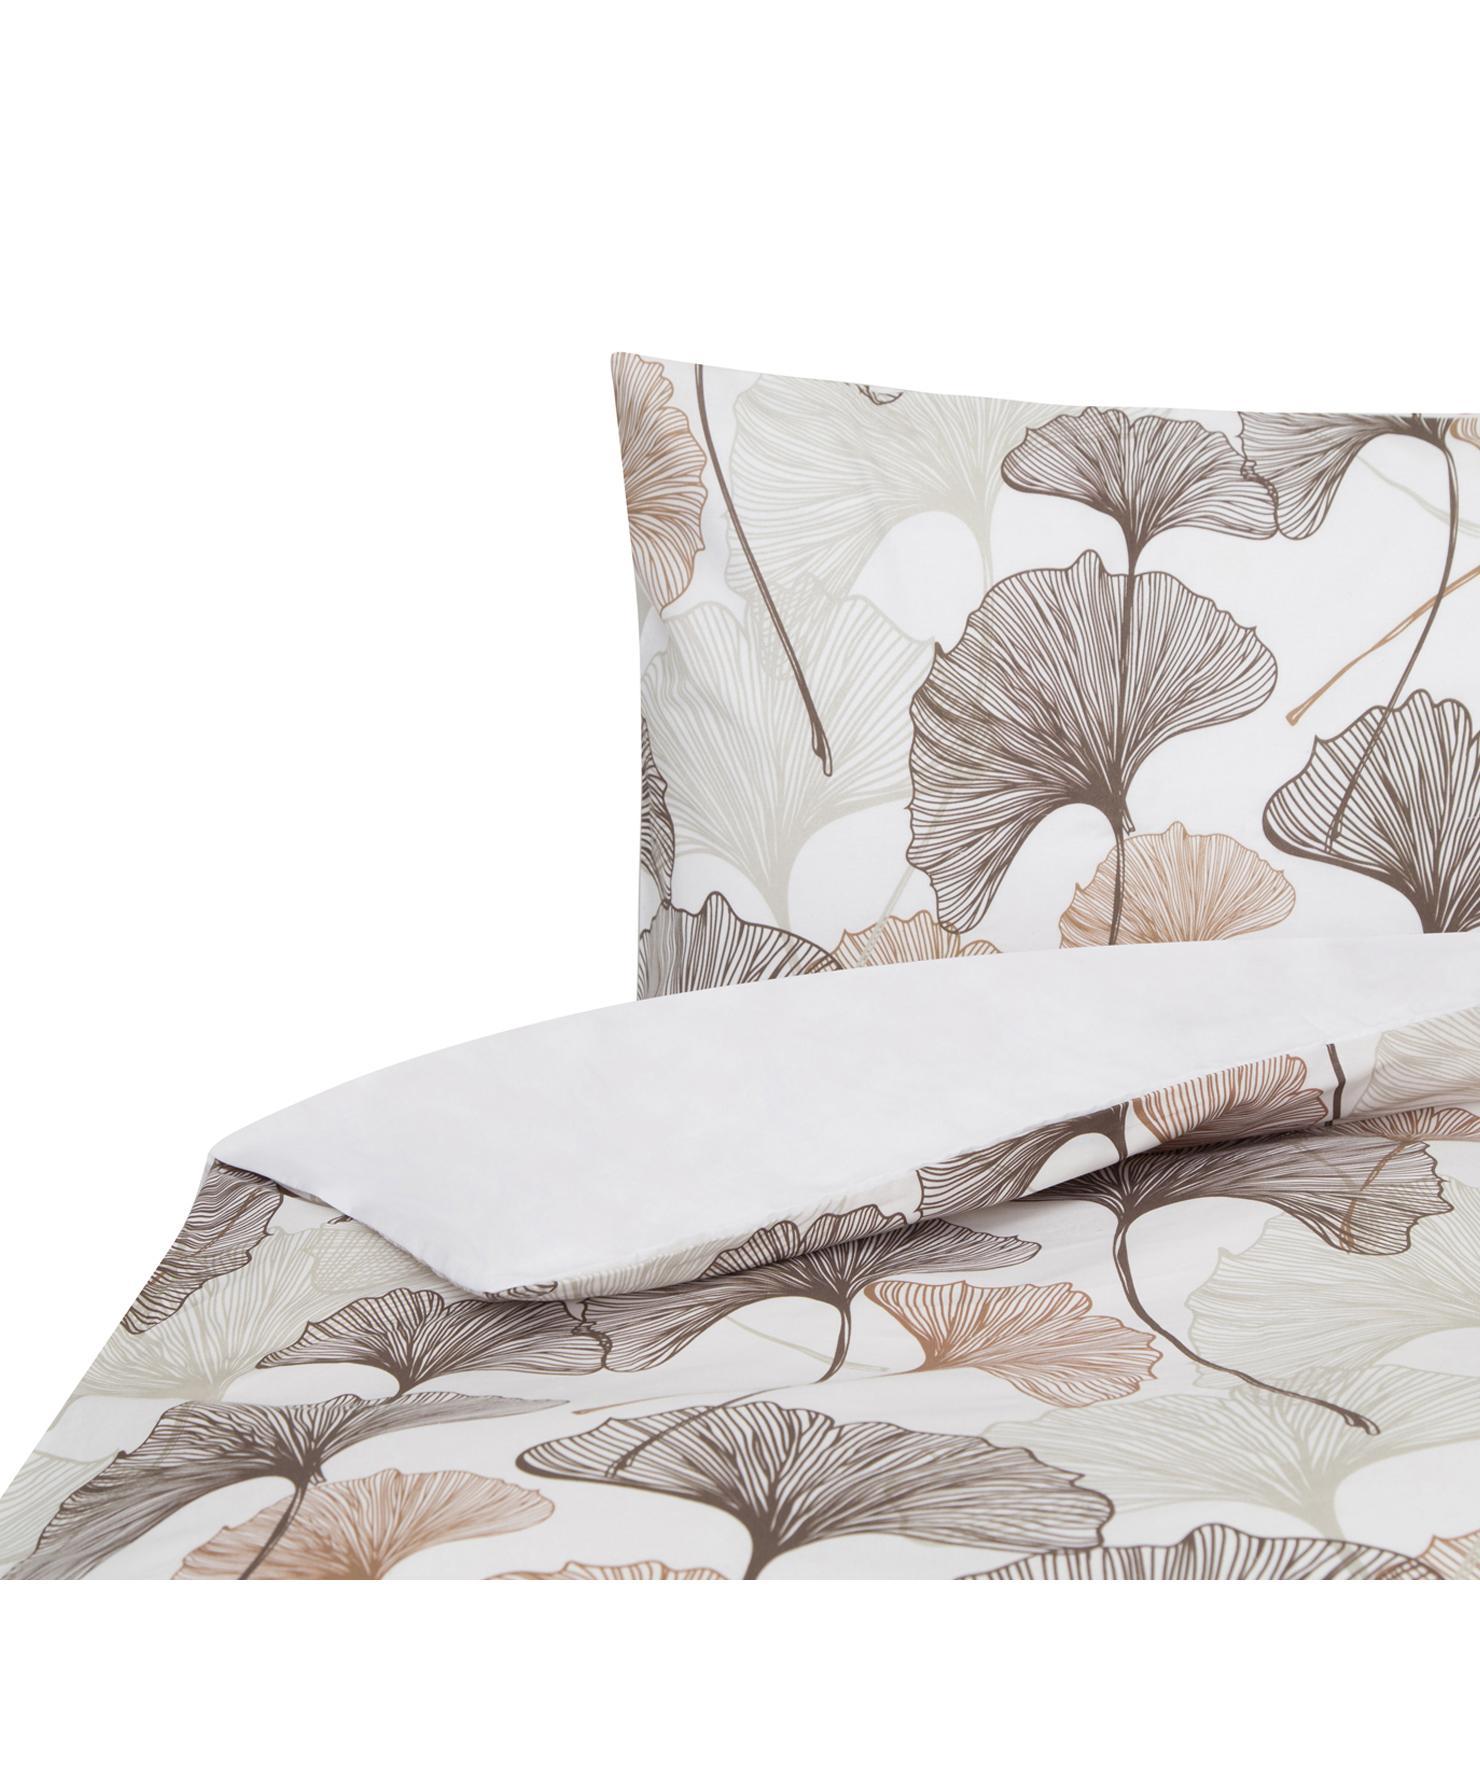 Funda nórdica doble cara Ginko, Algodón, Blanco, gris pardo, tonos beige, Cama 90 cm (160 x 220 cm)